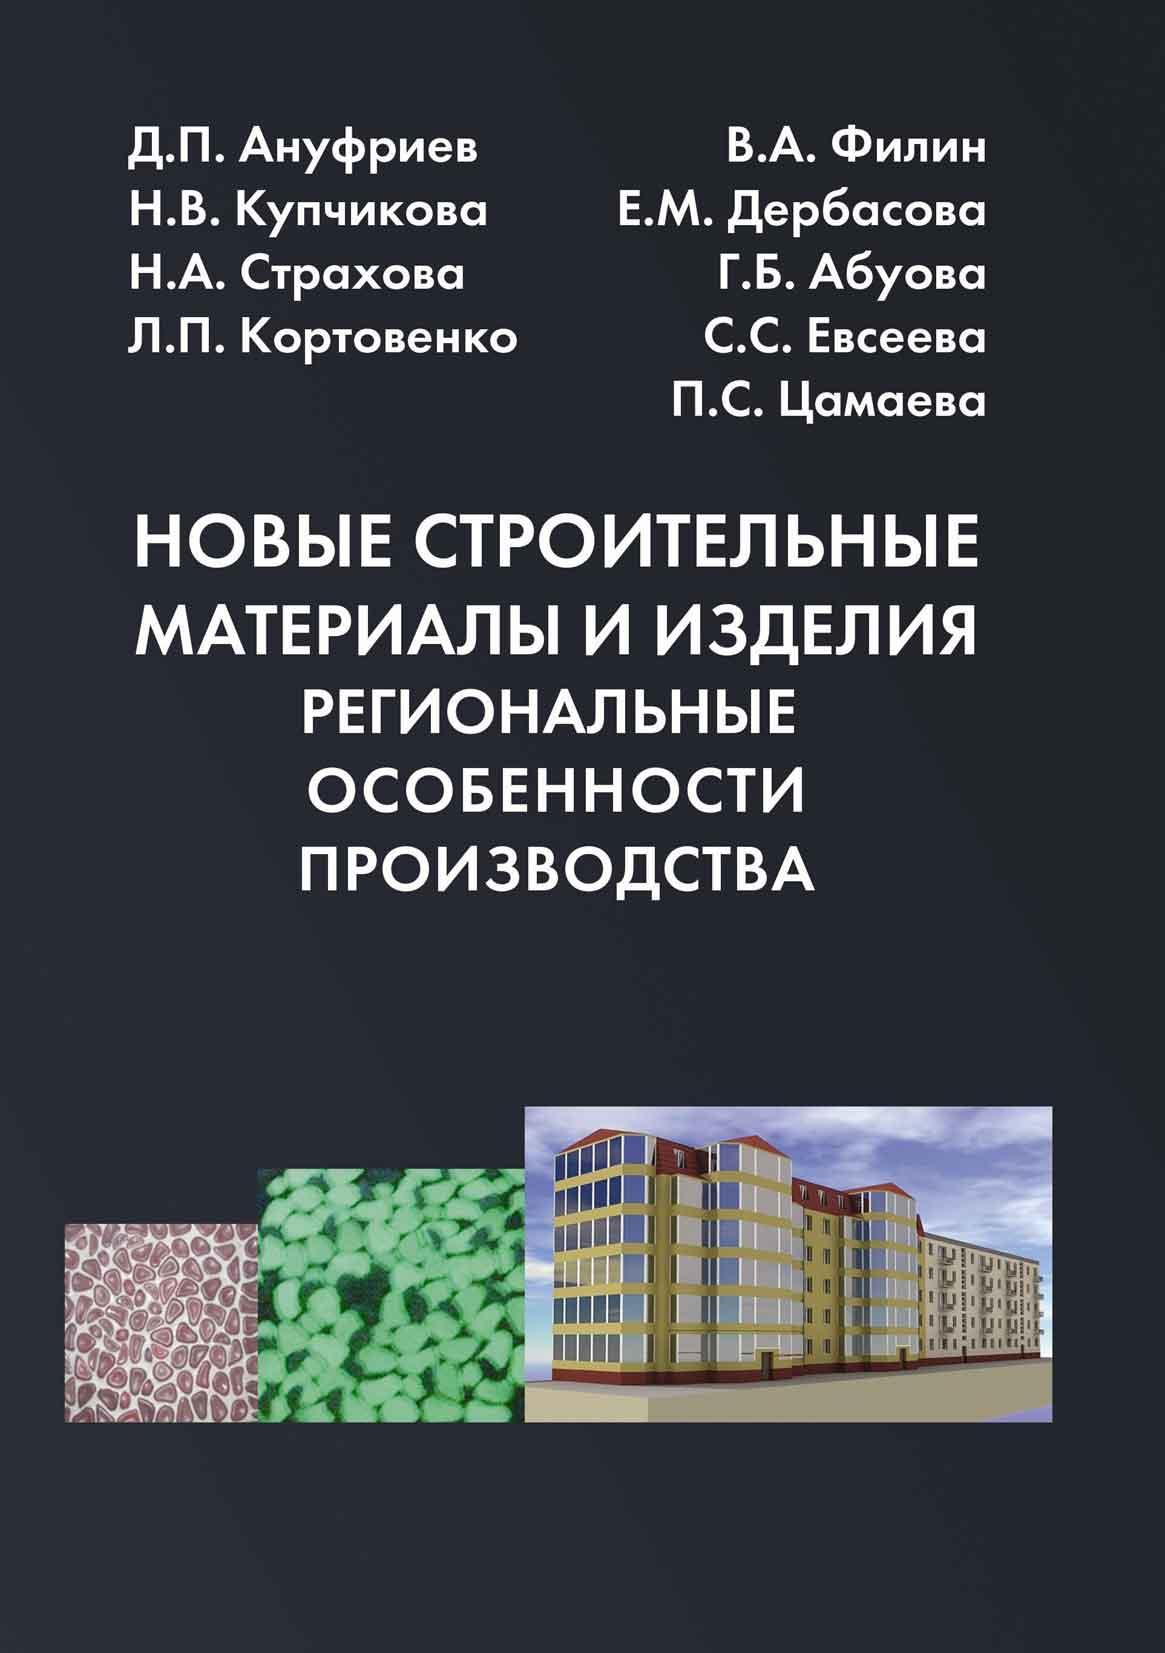 Новые строительные материалы и изделия. Региональные особенности производства